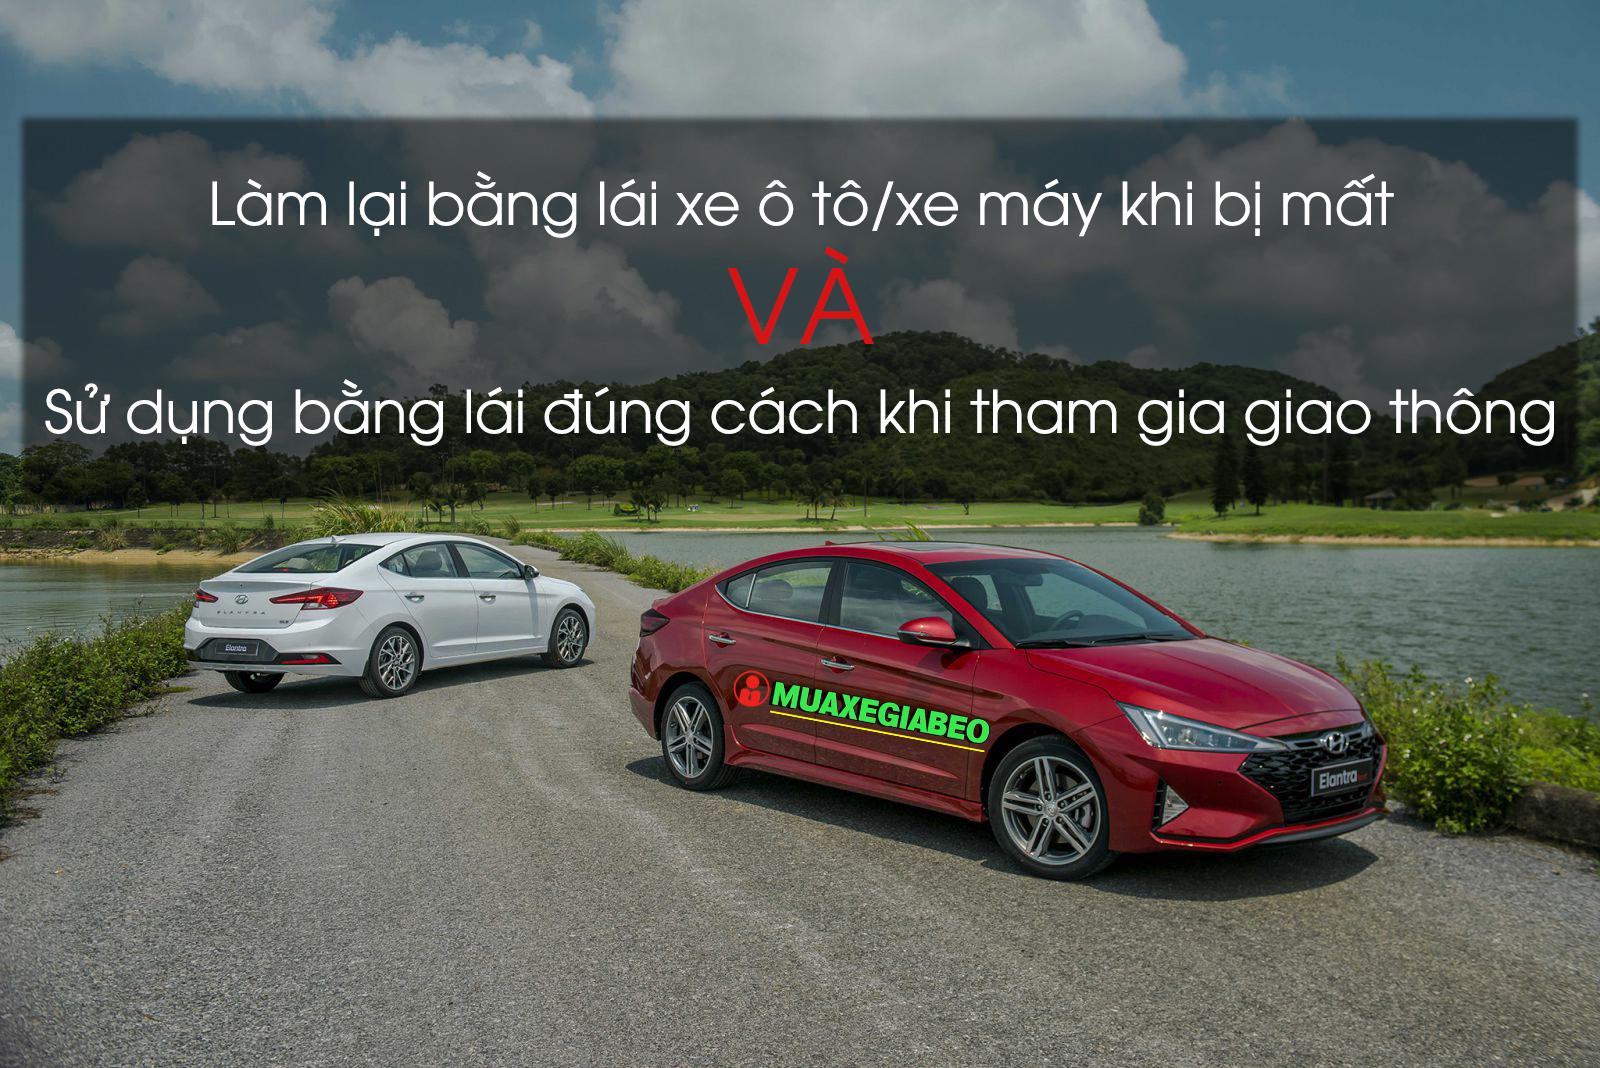 Những điều cần biết khi làm lại bằng lái xe A1, A2 và B1, B2 (CHI TIẾT) ảnh 1